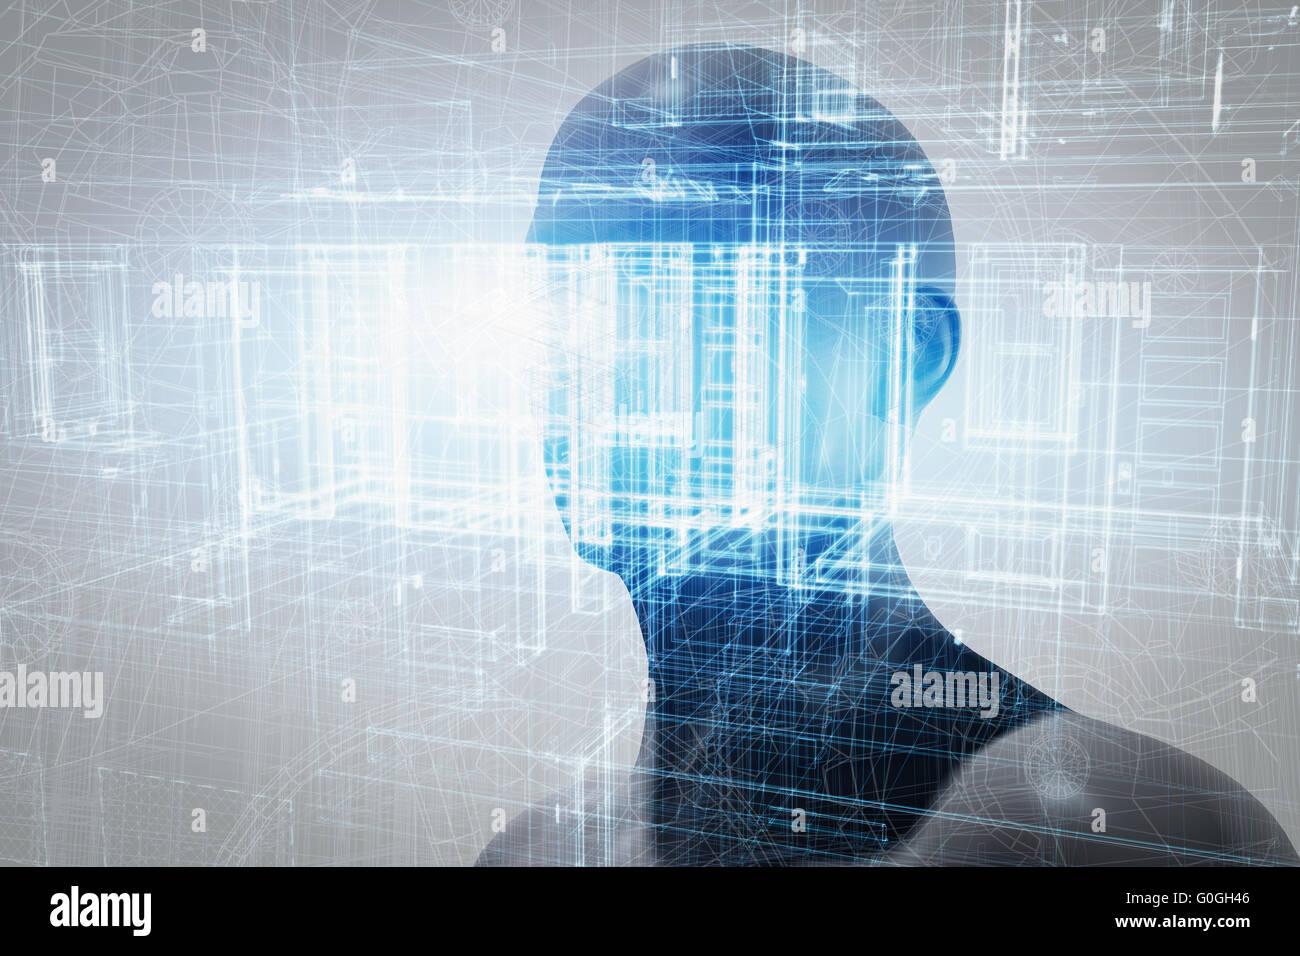 Virtual-Reality-Projektion. Zukünftige Wissenschaft mit moderner Technik, künstliche Intelligenz Stockbild